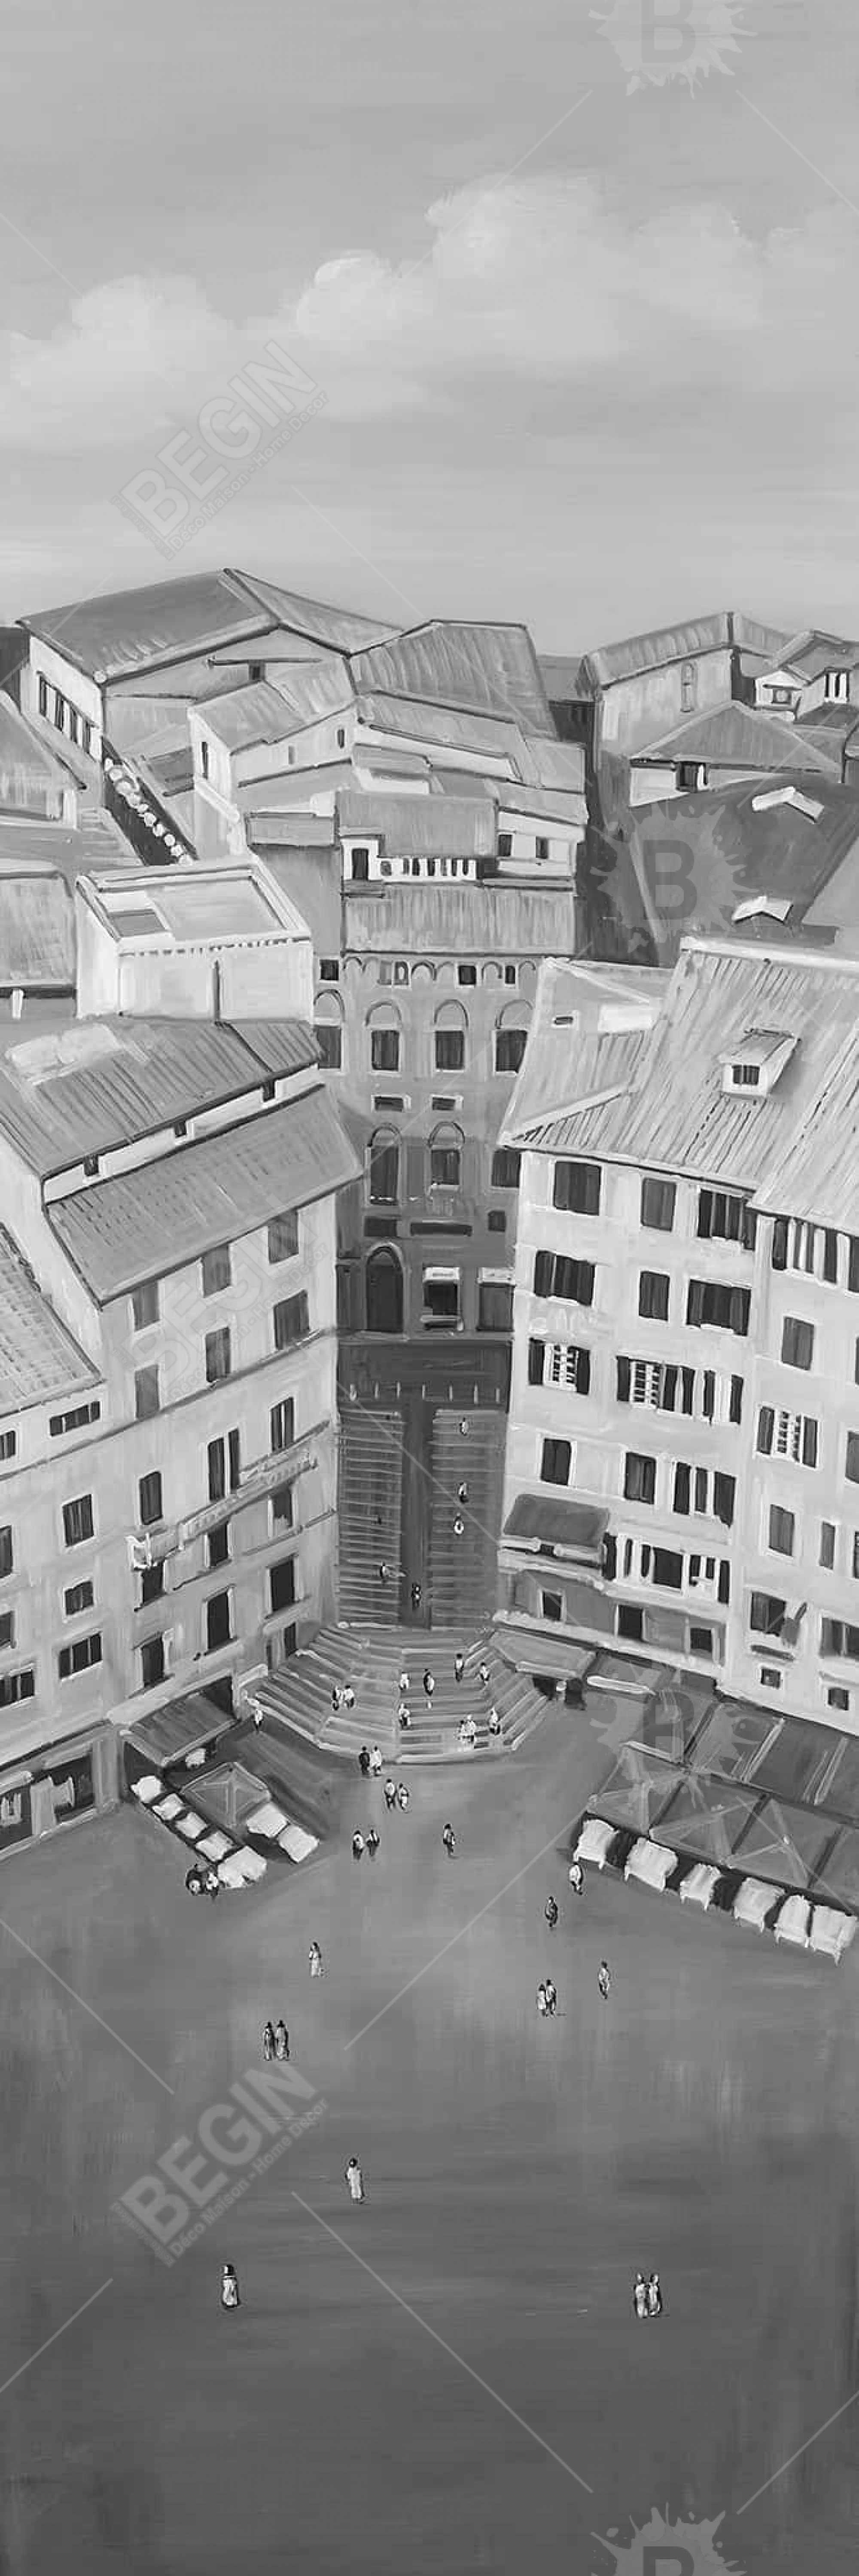 Siena city in italie